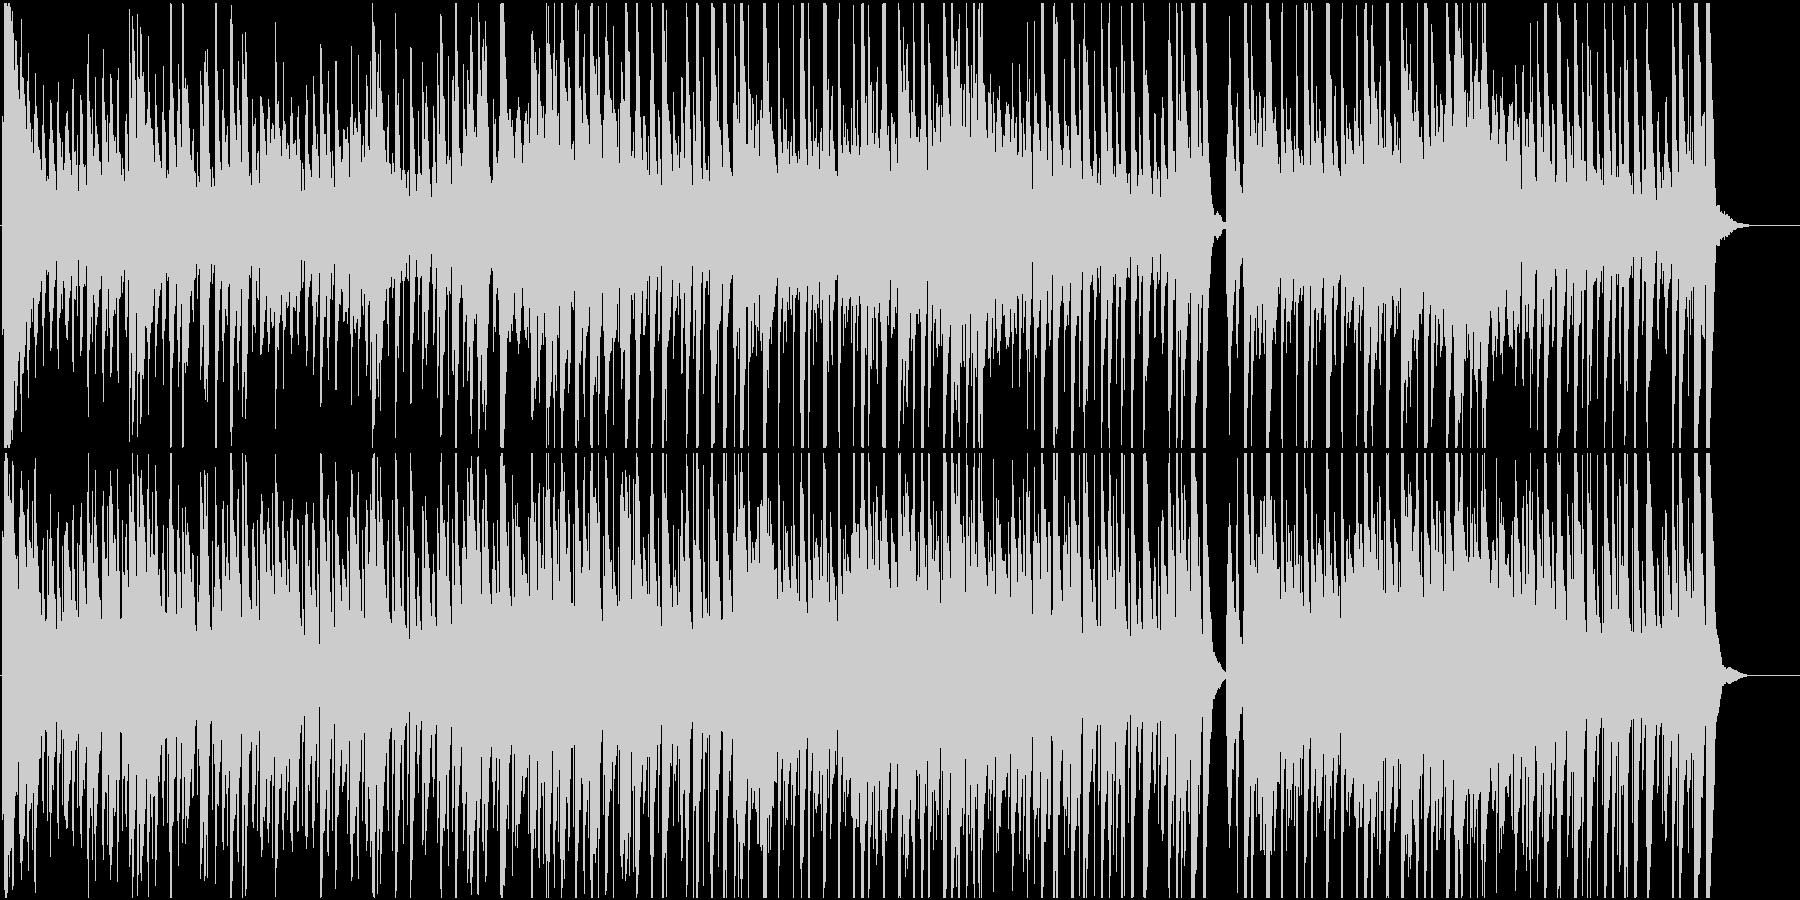 いたずらっぽく楽しいミディアムスイング1の未再生の波形